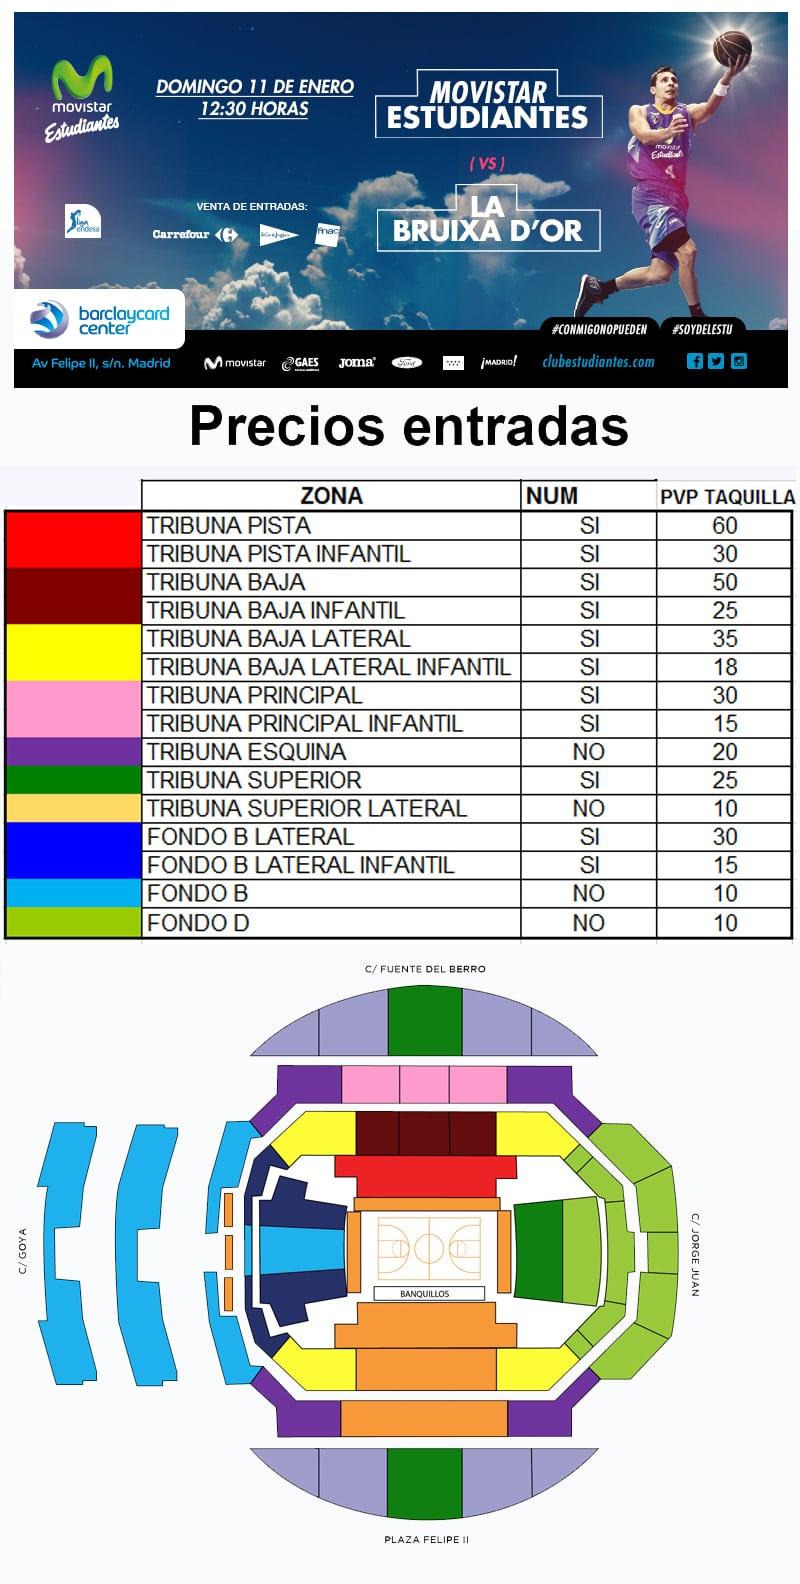 Entradas Movistar Estudiantes- La Bruixa D´Or Manresa (domingo 11 enero, 12:30h), desde 10 euros.